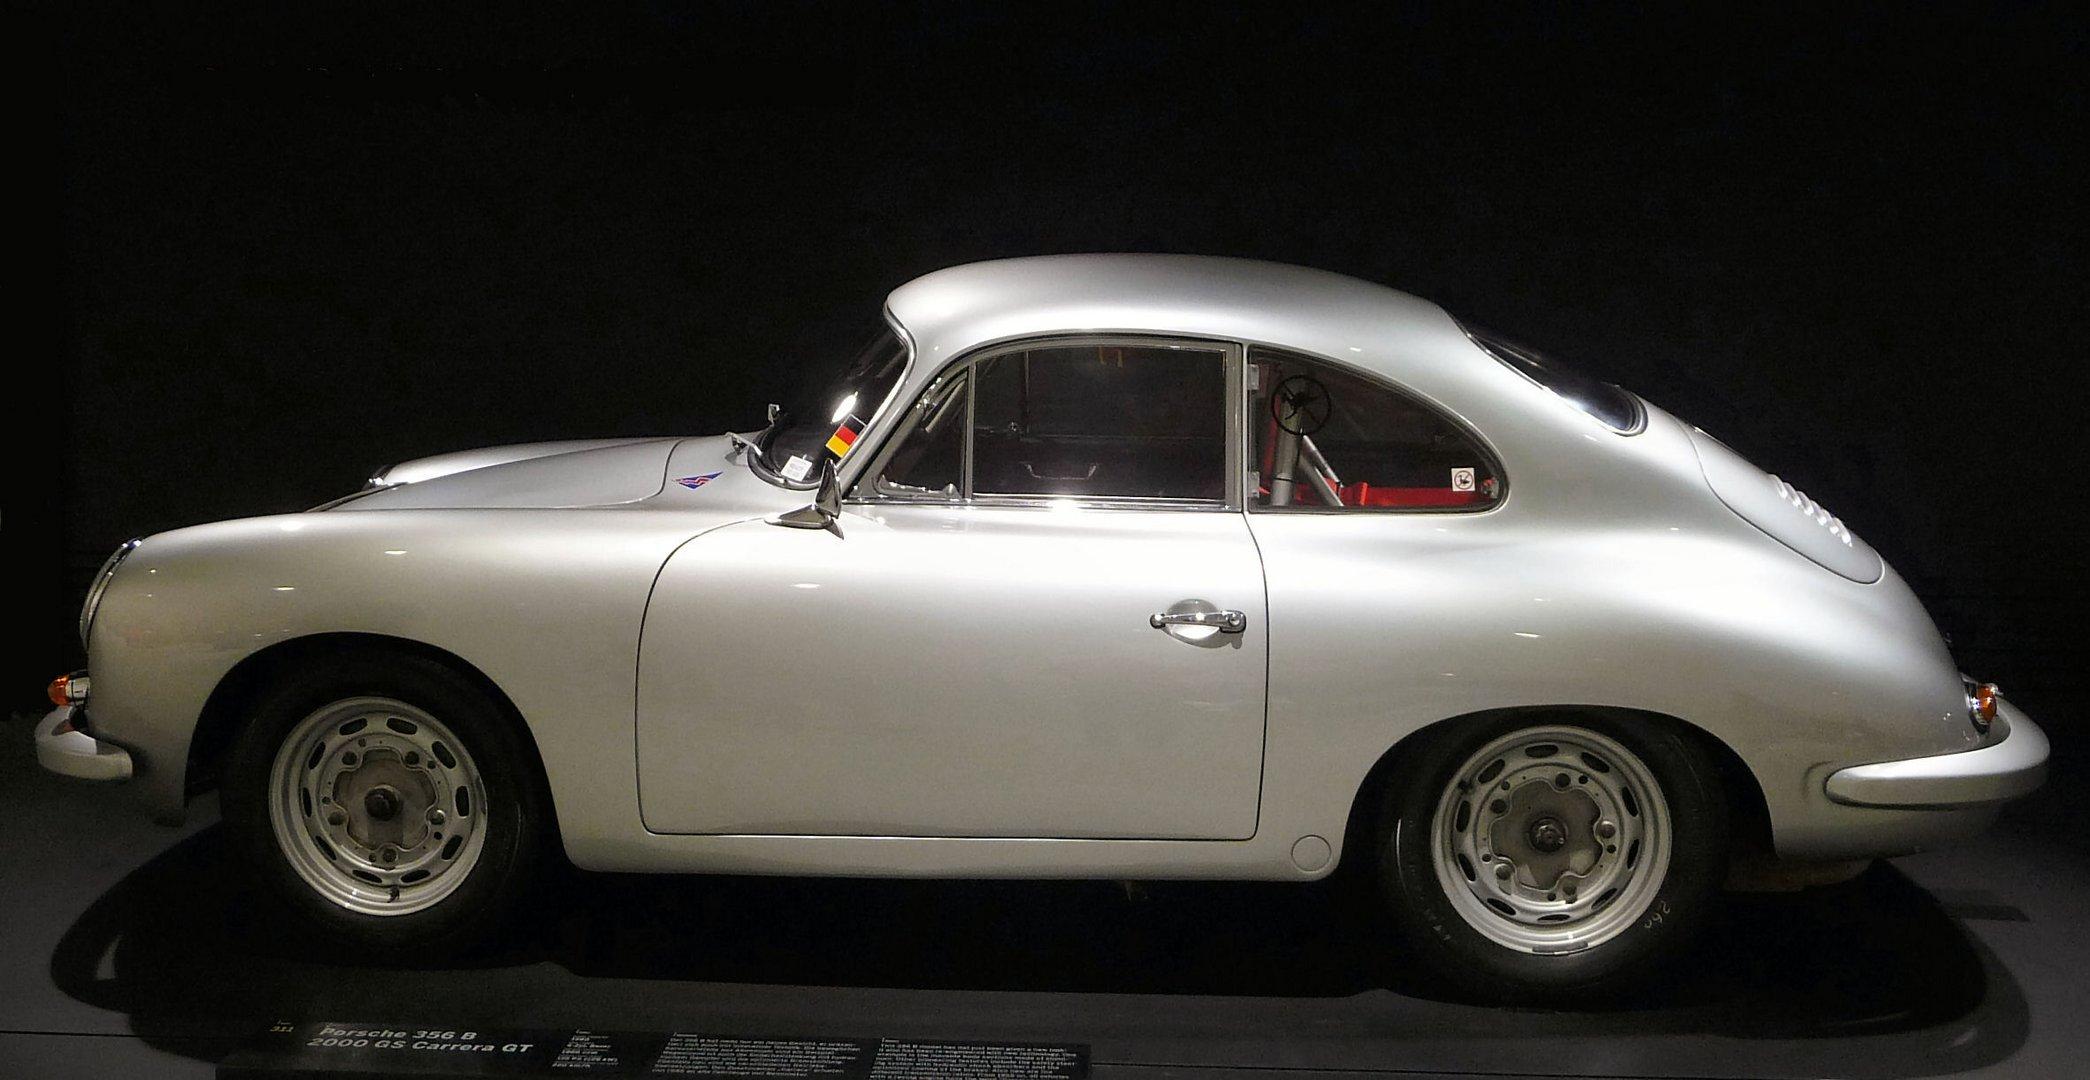 PORSCHE 356 B 2000 GS CARRERA GT